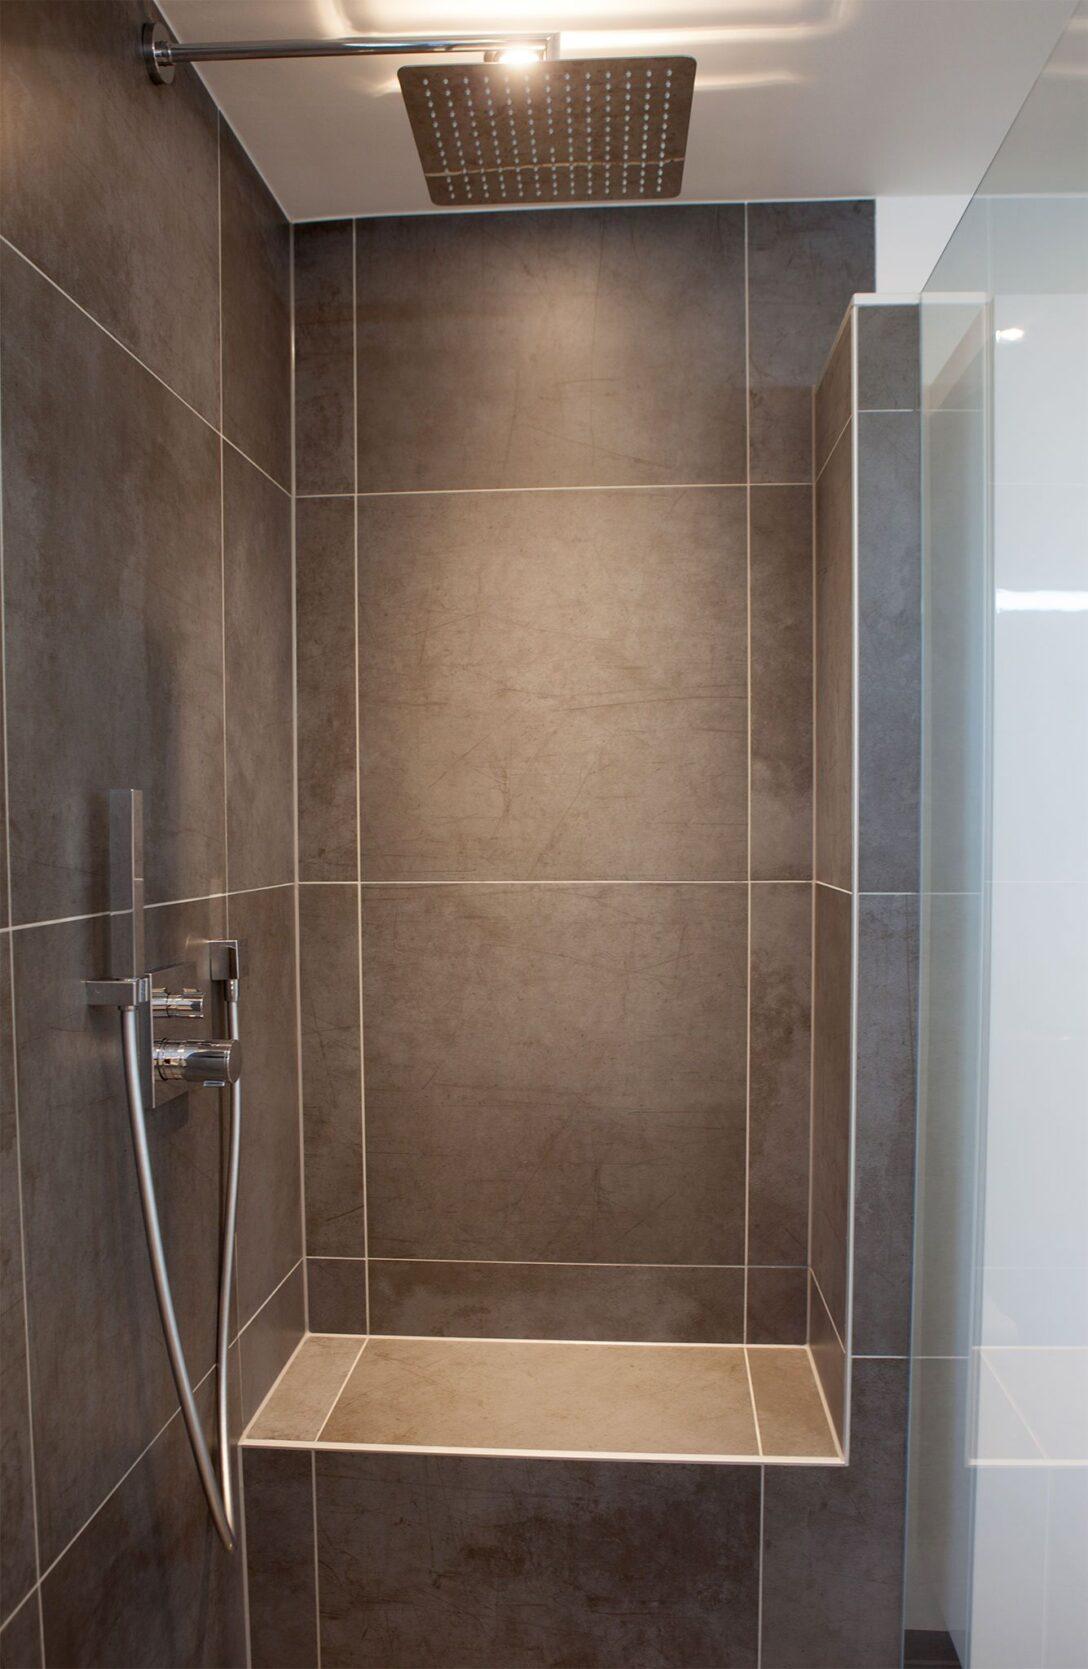 Large Size of Begehbare Dusche Badezimmer Fliesen Ebenerdig Walkin Eckeinstieg Walk In Wand 90x90 Rainshower Bodengleiche Duschen Unterputz Armatur Einbauen Siphon Ohne Tür Dusche Begehbare Dusche